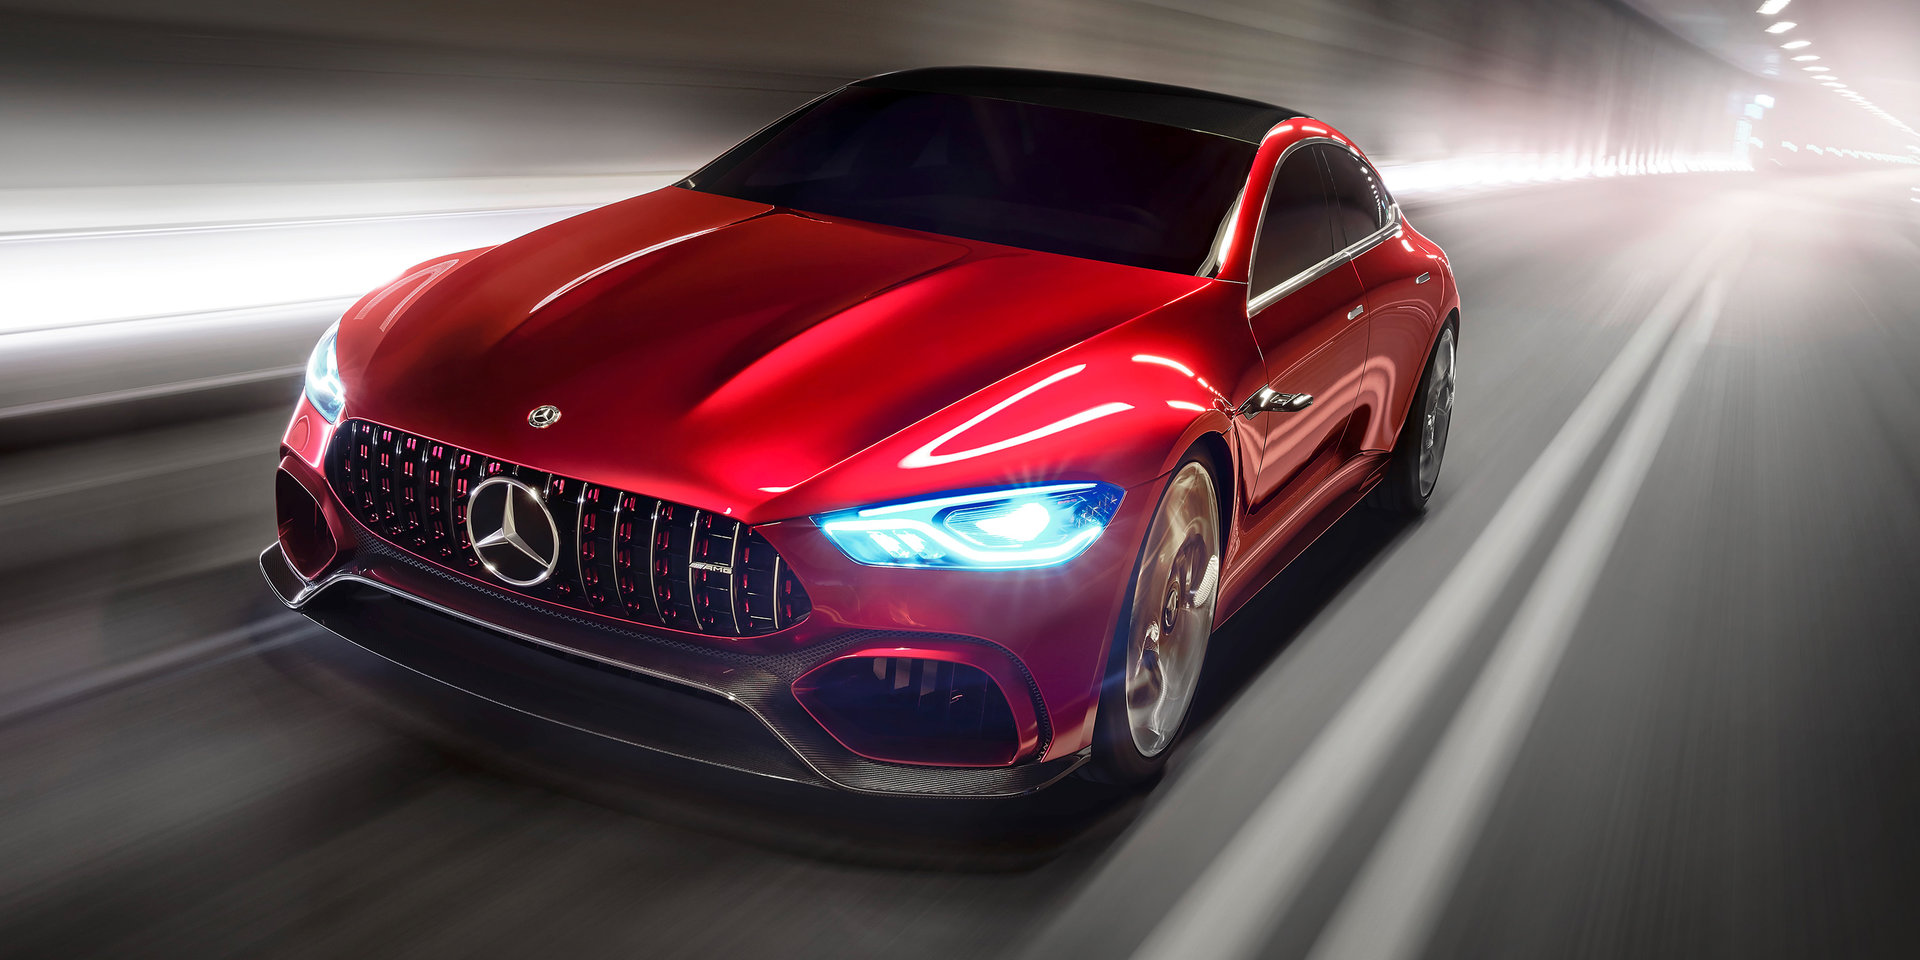 Mercedes-AMG GT vierdeurs